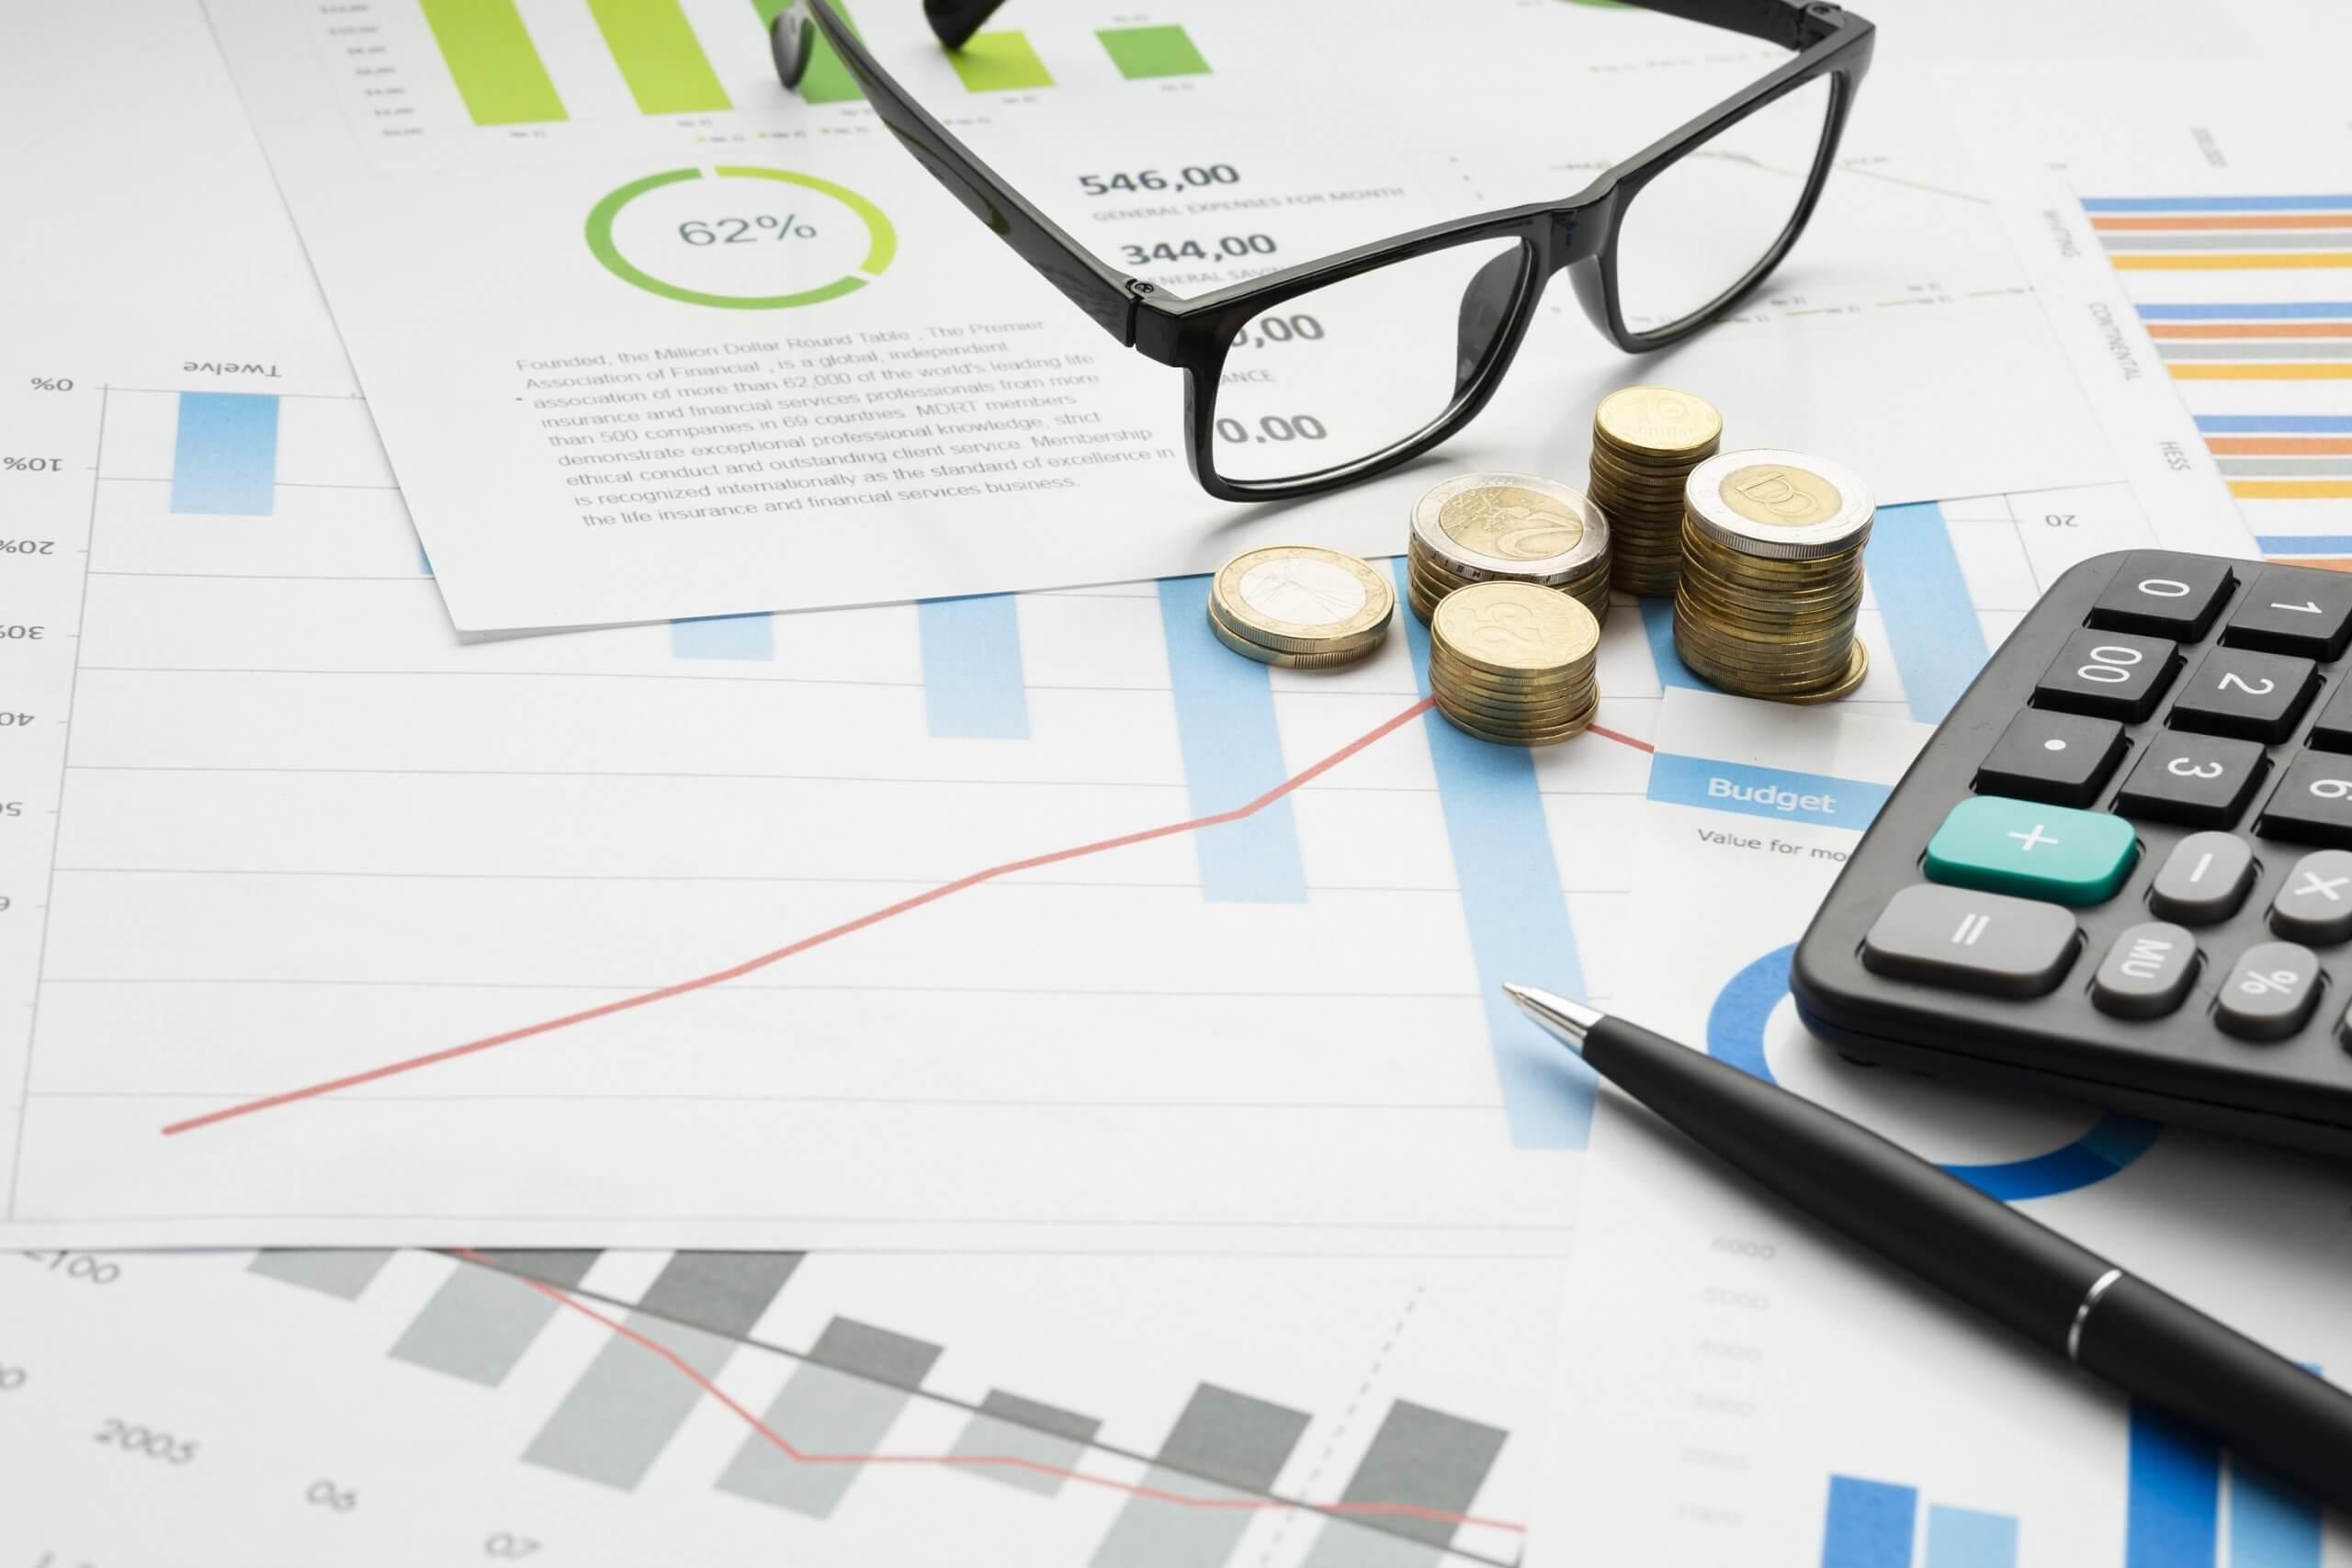 Investimento em franquias: descubra em quanto tempo sua Franquia Empresta irá gerar lucro